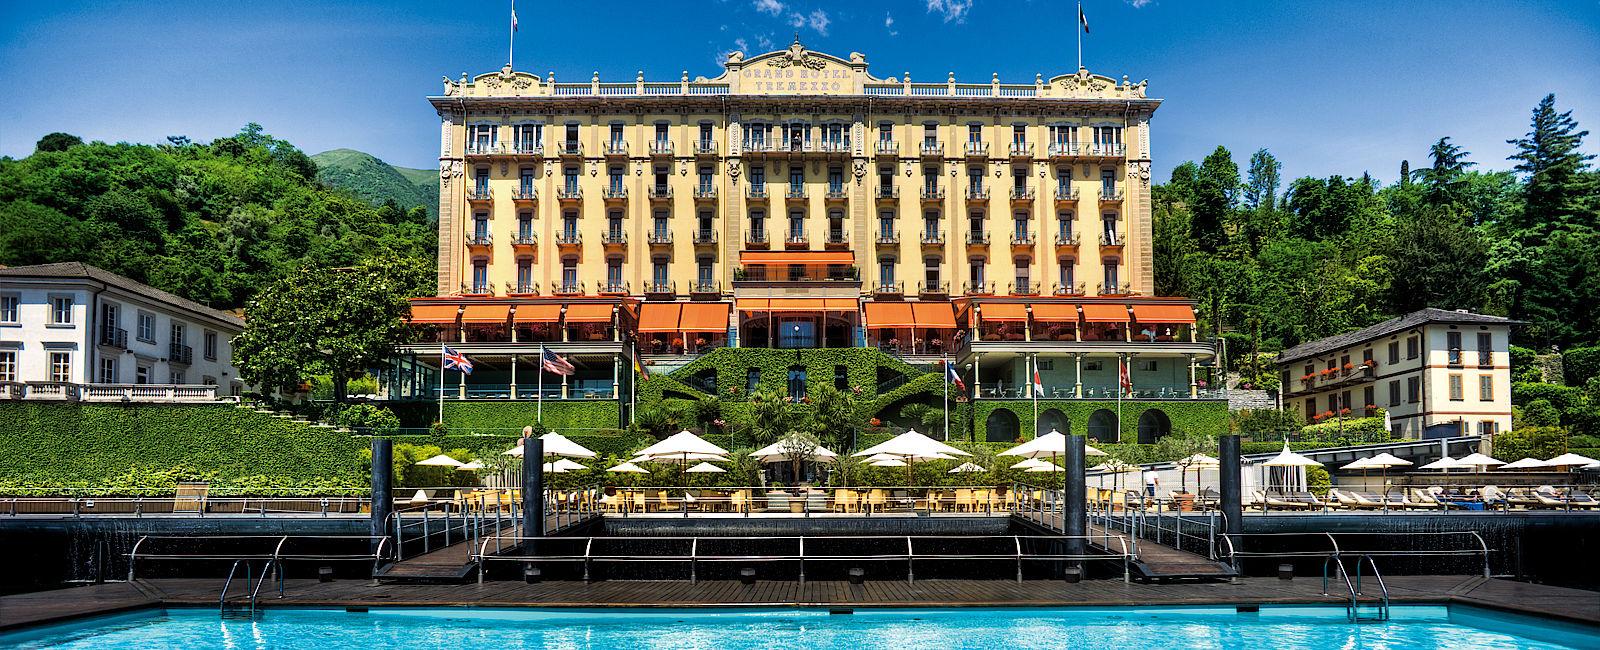 Grand Hotel Tremezzo Connoisseur Circle Hoteltest